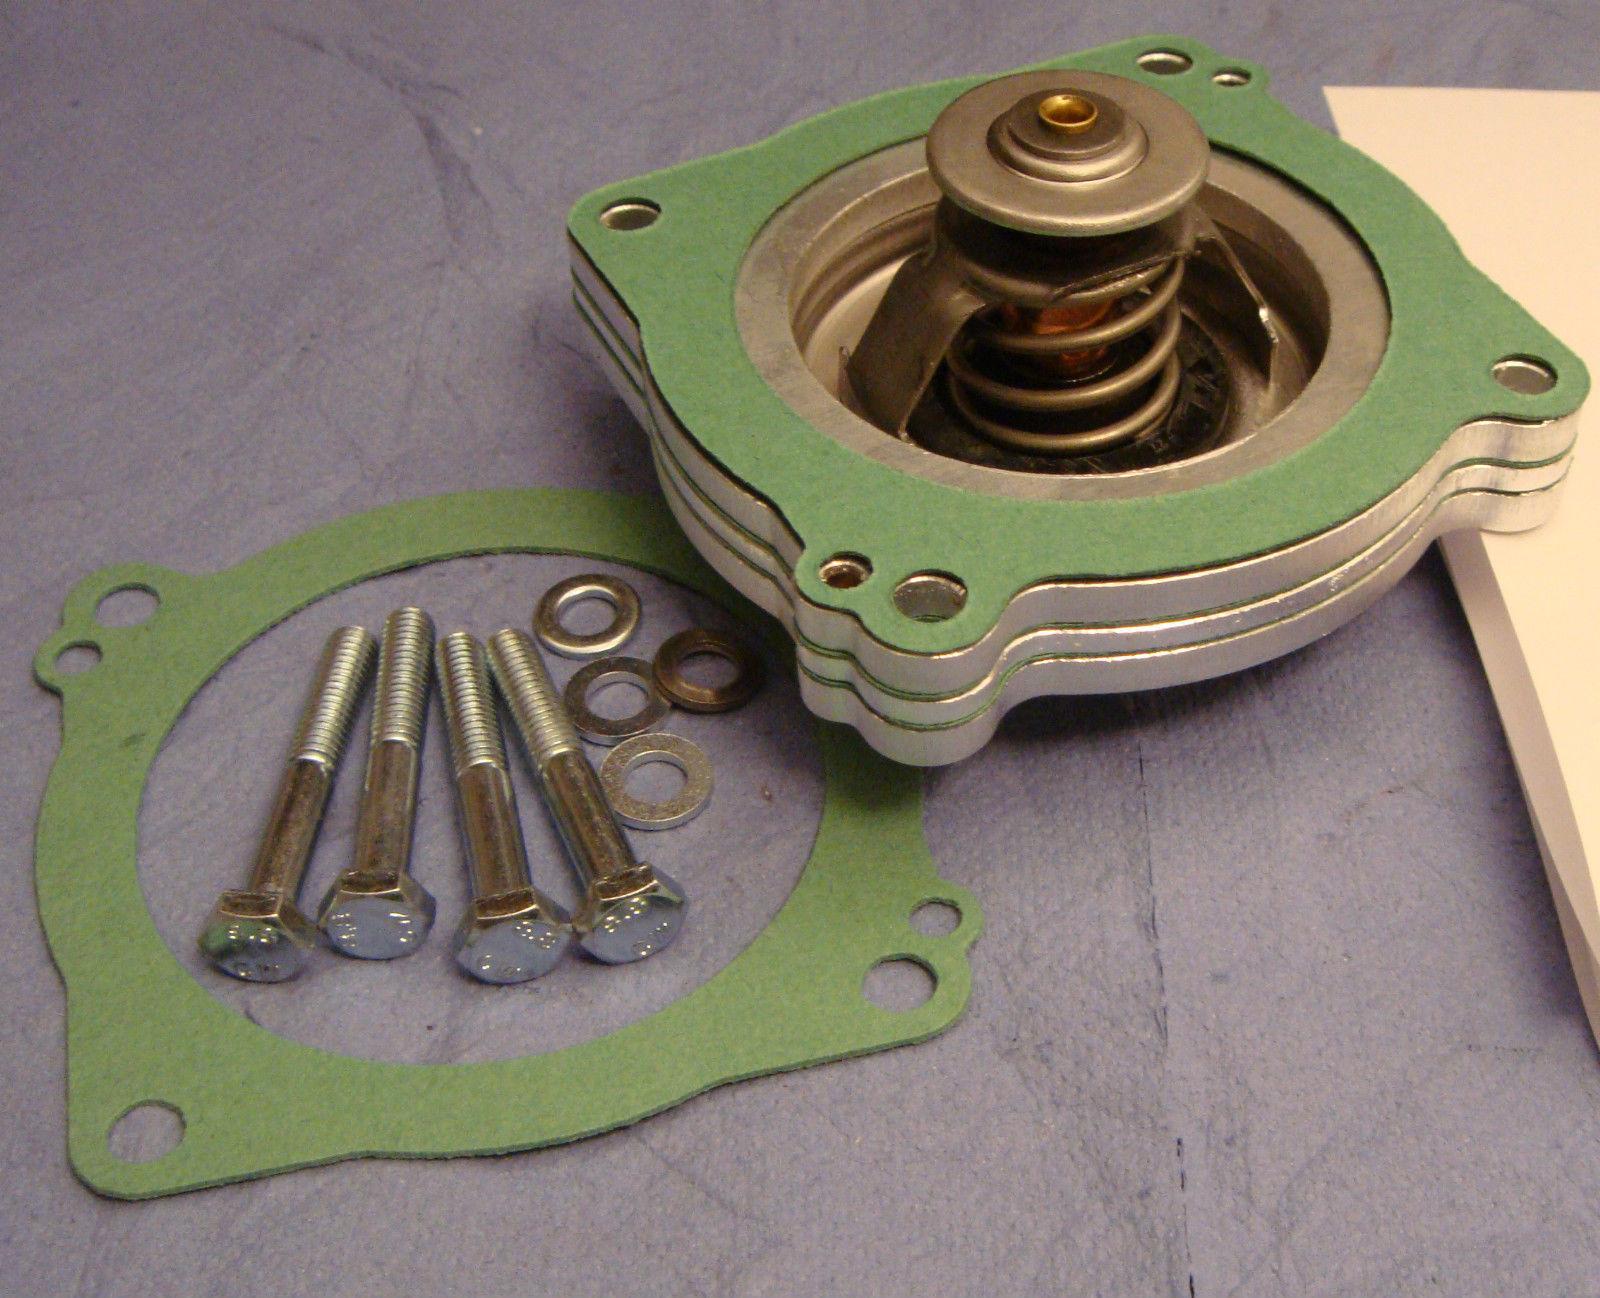 JBL altavoces para saab 9-3 I descapotable tipo ys3d 1998-2003 puerta frontal 150w #asv7